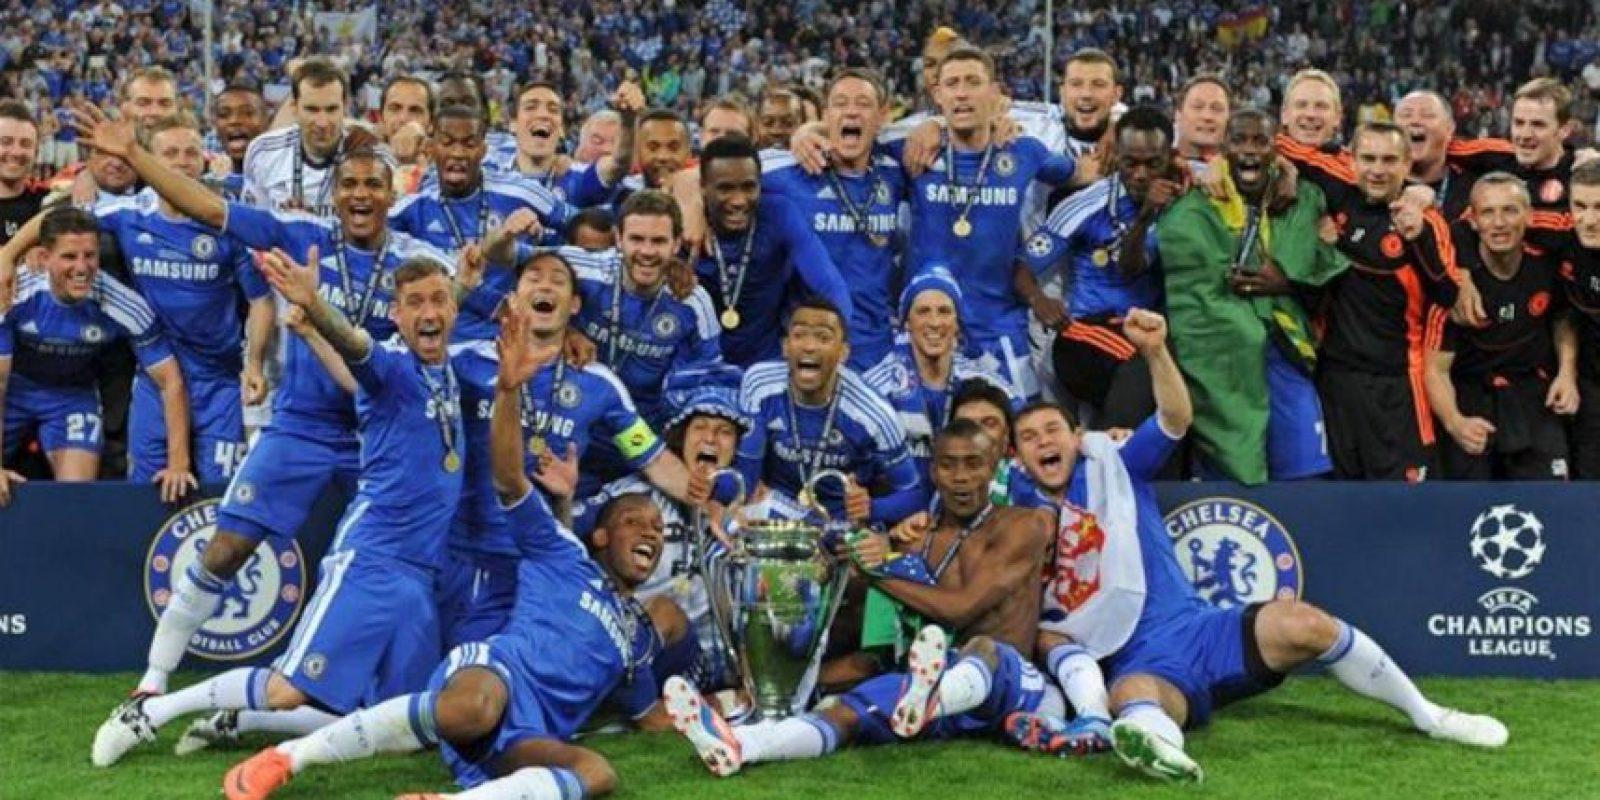 Jugadores del Chelsea celebran con el trofeo después de vencer al Bayern ayer, en el partido por la final de la Liga de Campeones de la UEFA en el estadio Allianz Arena de Múnich (Alemania). EFE